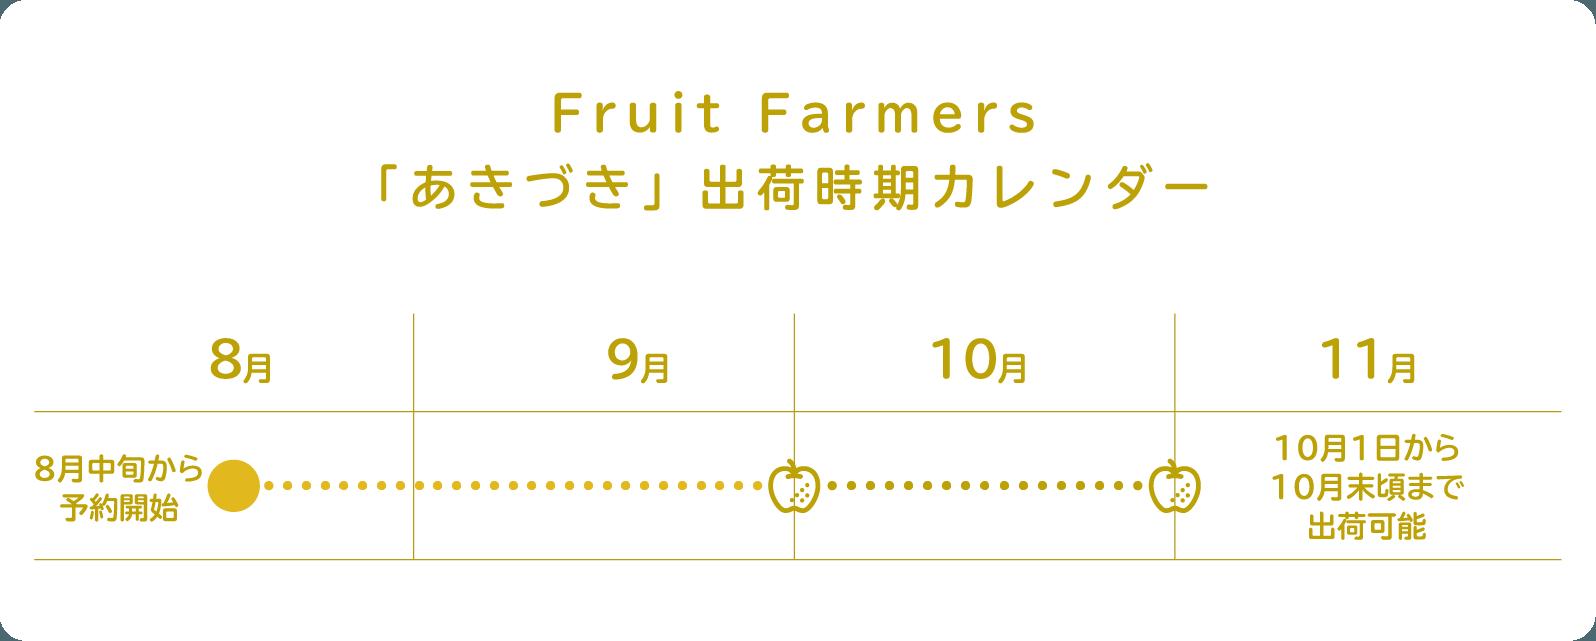 Fruit Farmers「あきづき」出荷時期カレンダー